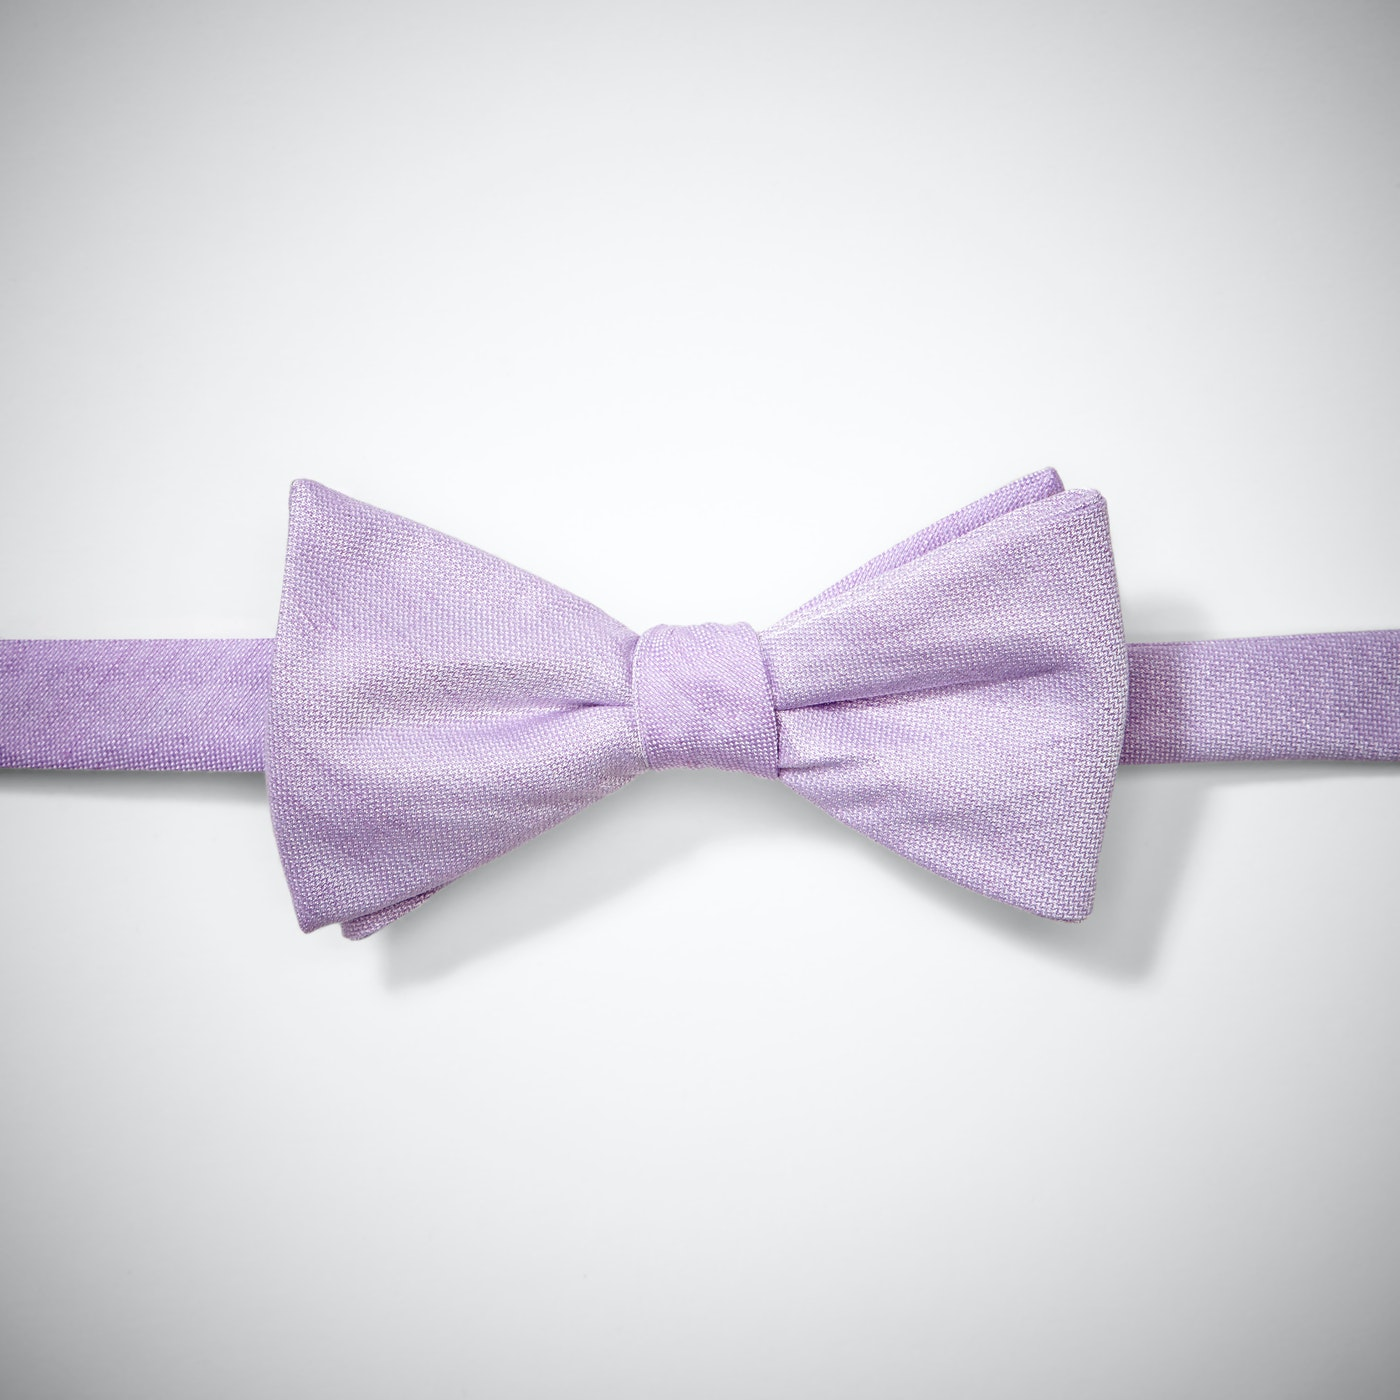 Lilac Linen Pre-Tied Bow Tie